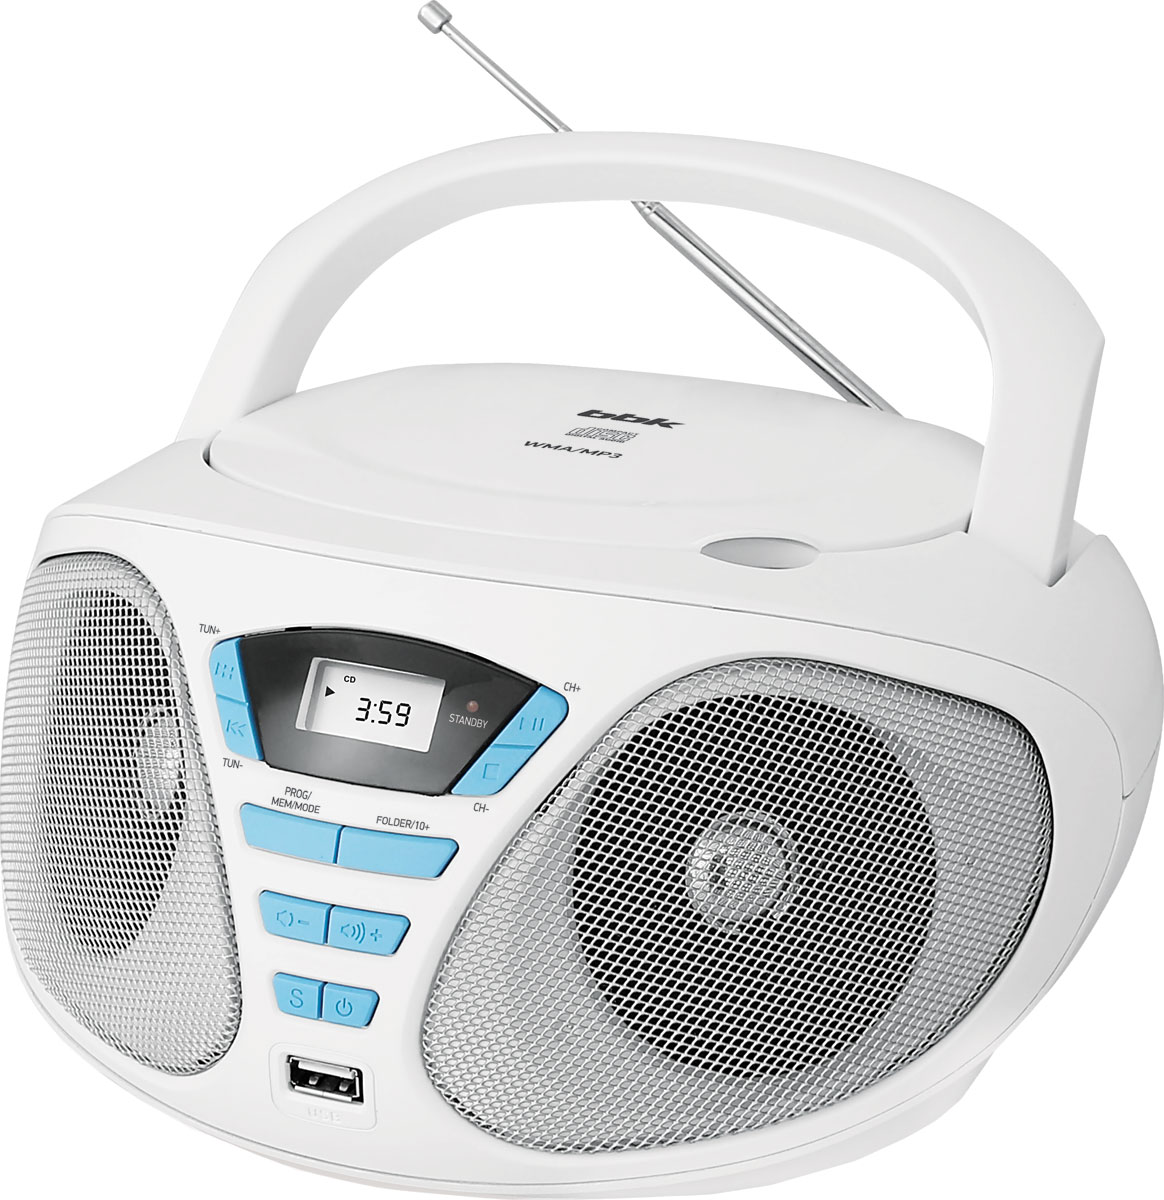 BBK BX180U, White Cyan CD/MP3 магнитола carprie super drop ship car stereo in dash fm aux input dvd cd usb mp3 receiver player 2308 mar713